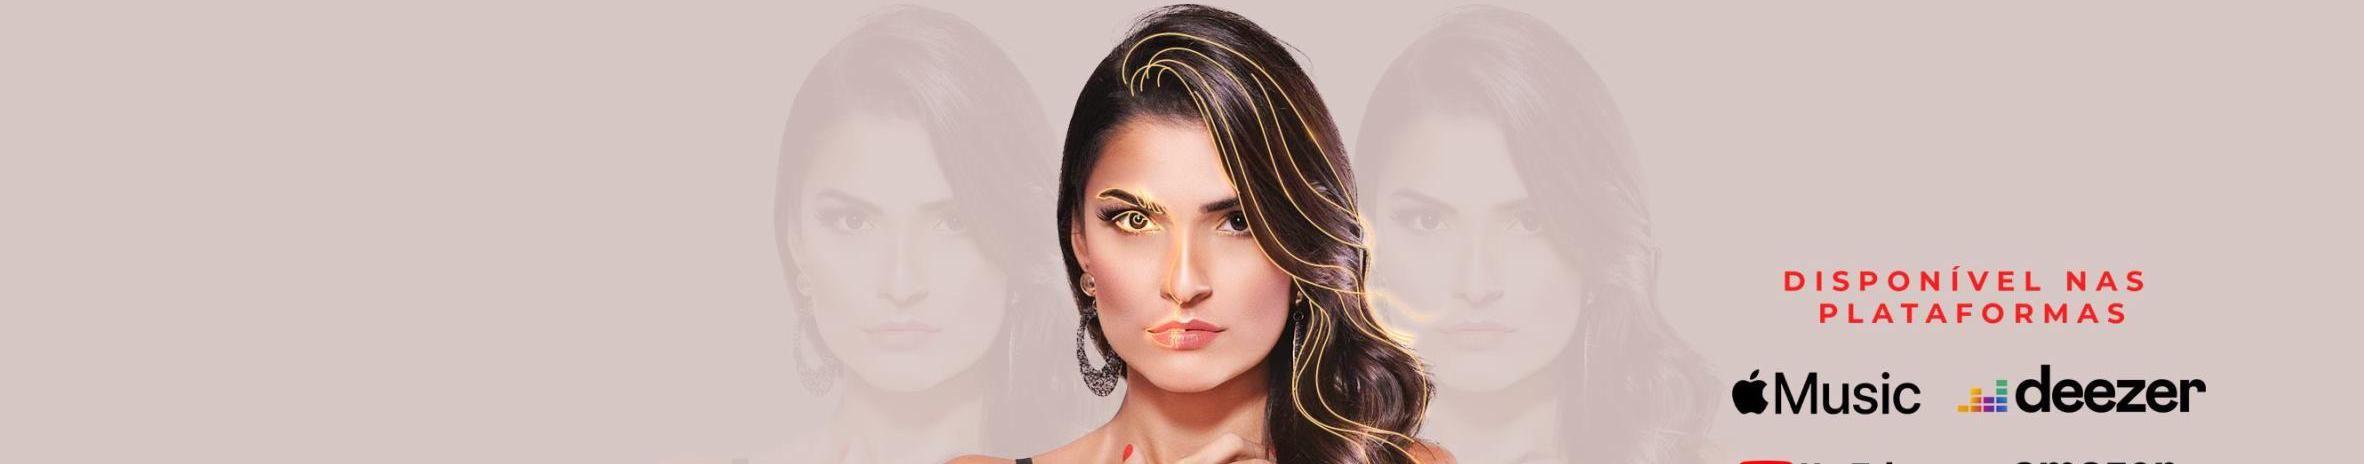 Imagem de capa de Natalie Mauá